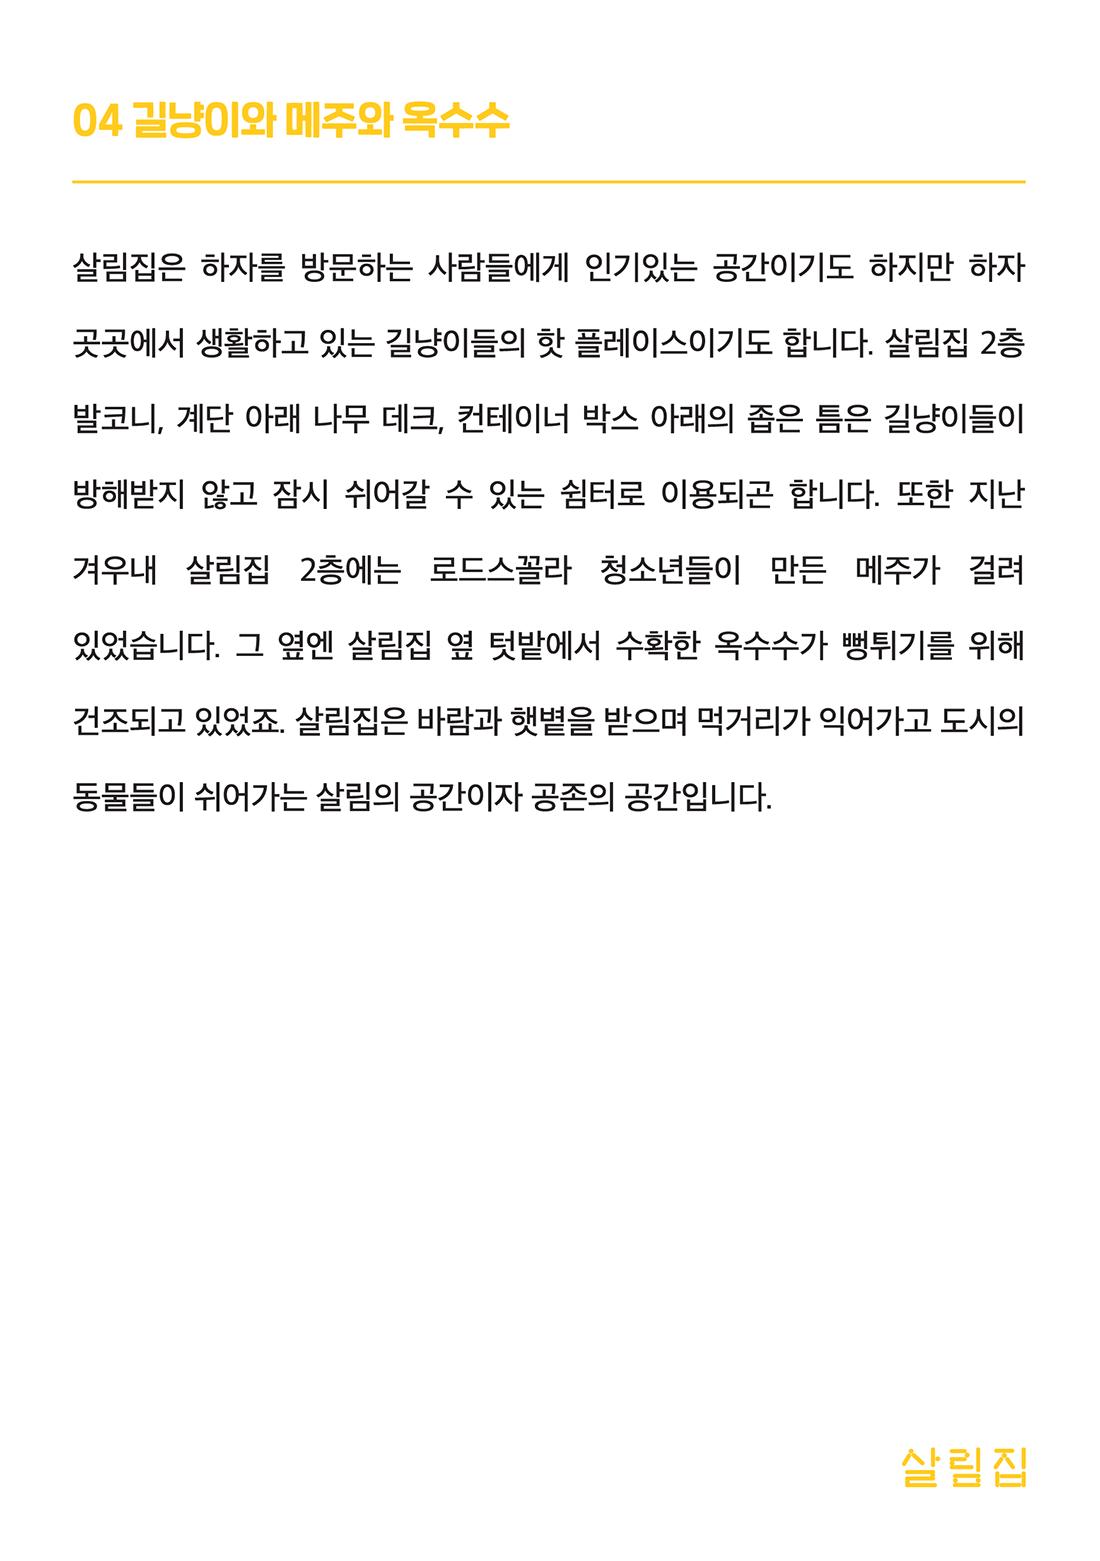 리플렛최종4-2.png